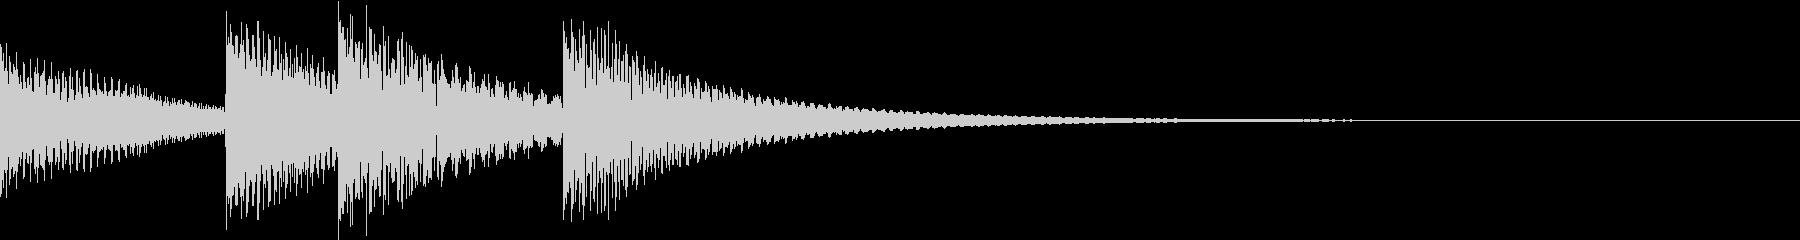 シンプルベル お知らせ ハテナ ? 18の未再生の波形